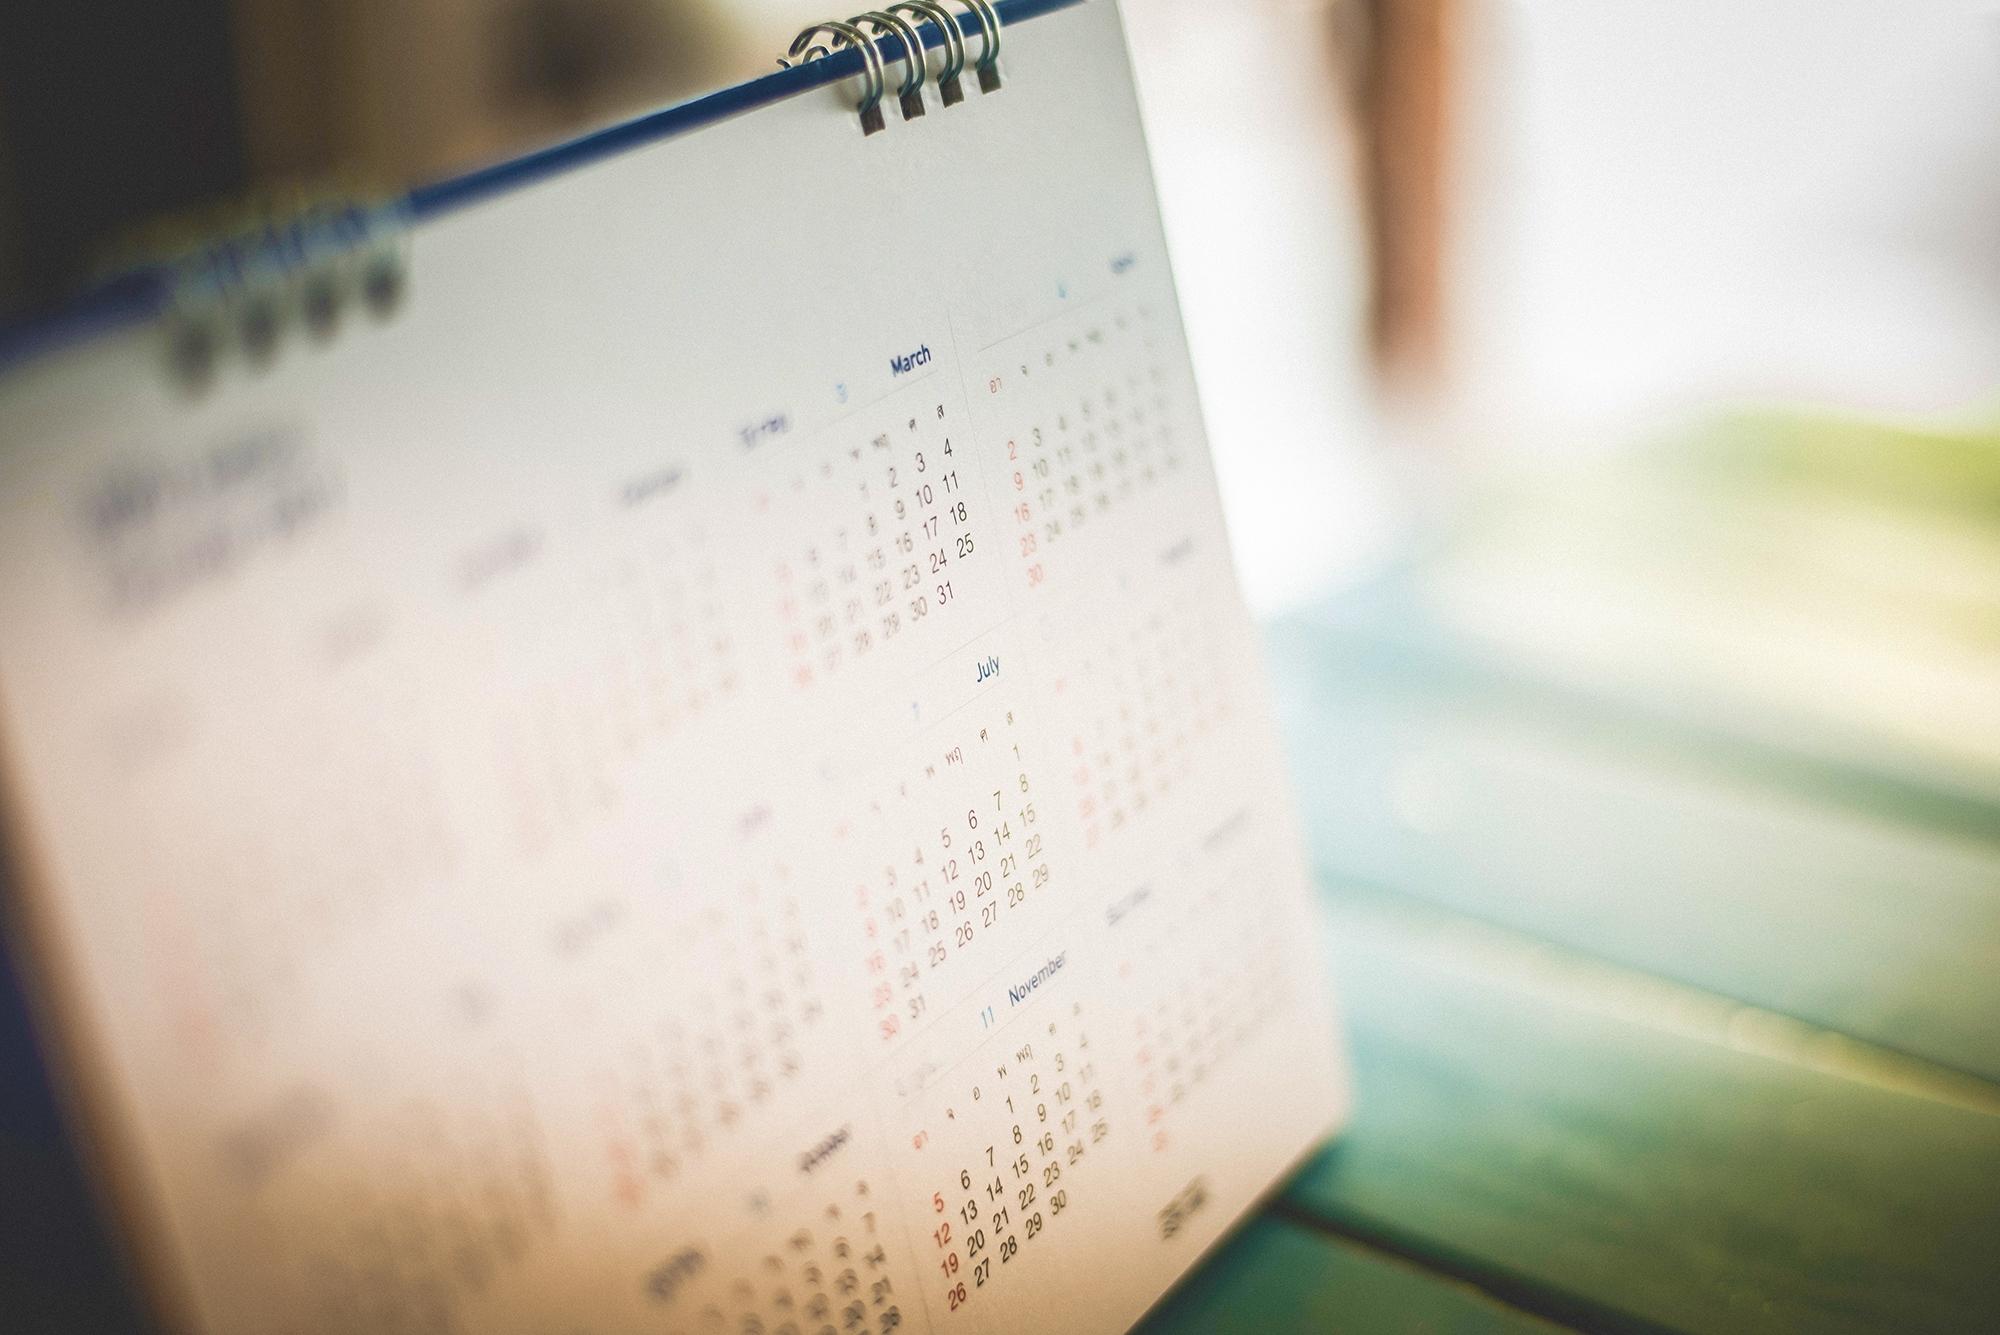 4-5-4 Calendar | Nrf 4-4-5 Calendar 2019